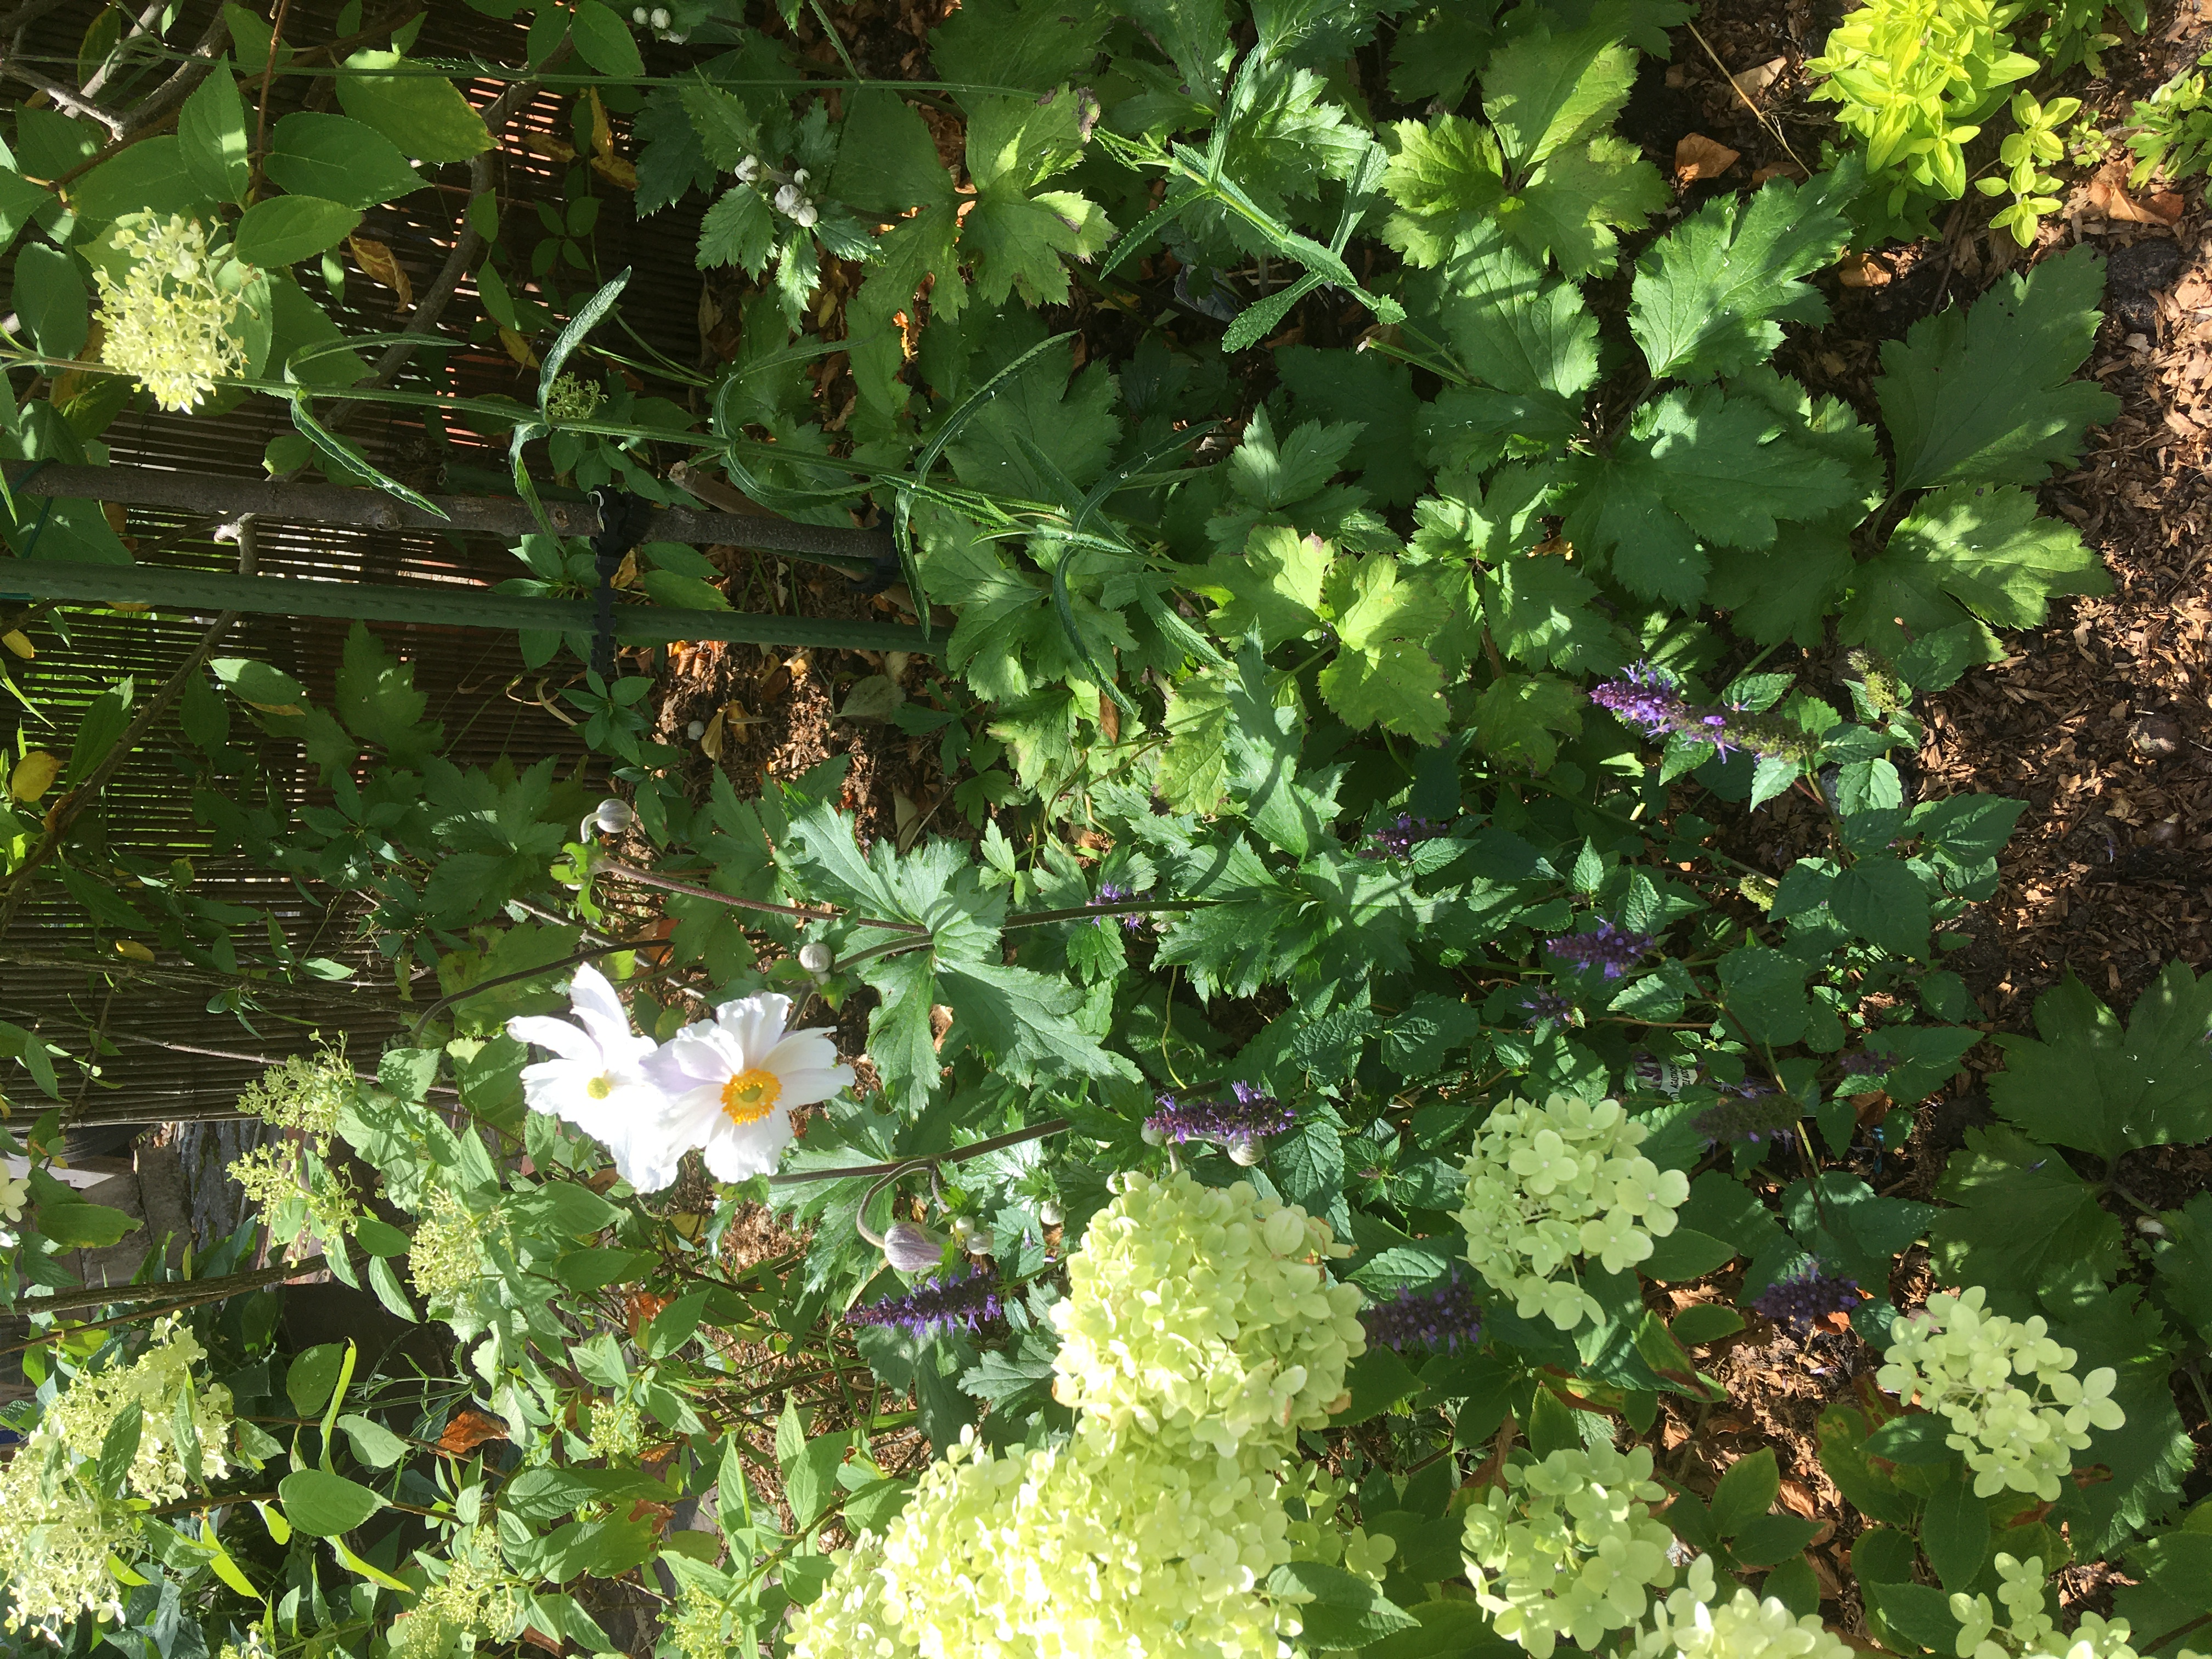 Cherie Cheatham - Garden 2